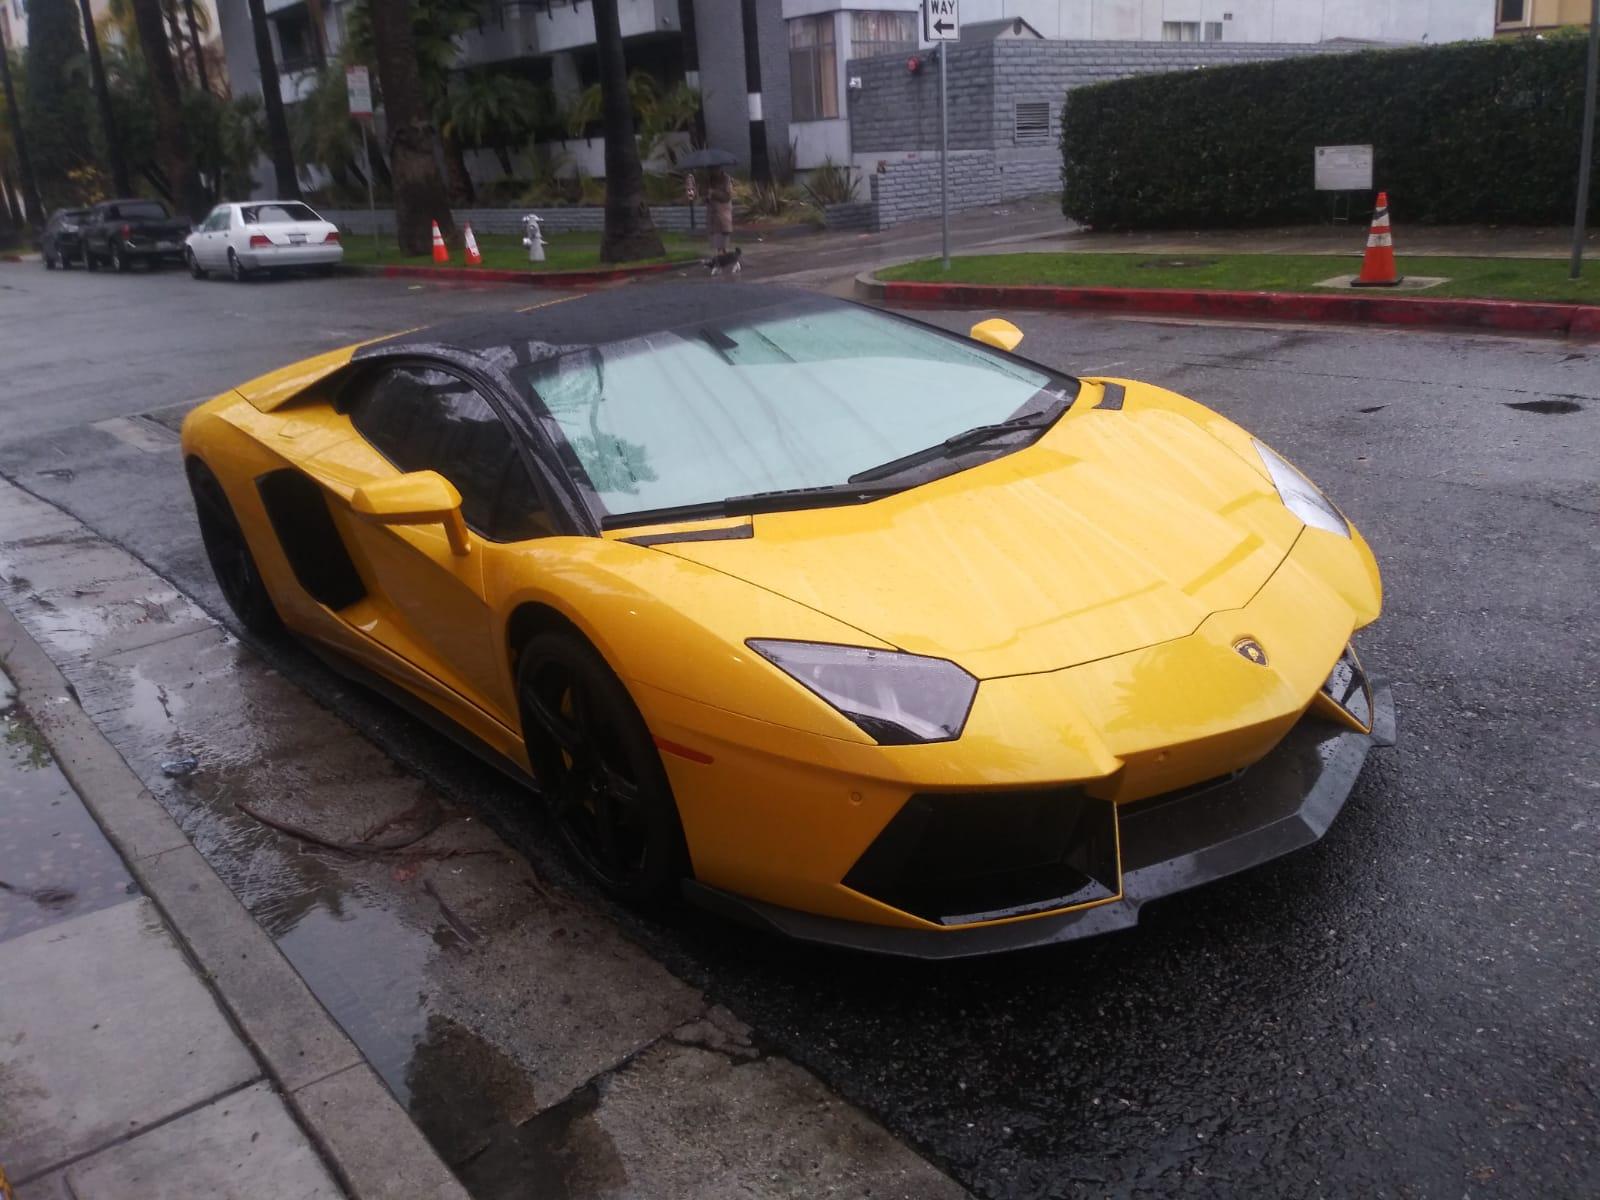 Premium Enclosed Auto-Transport